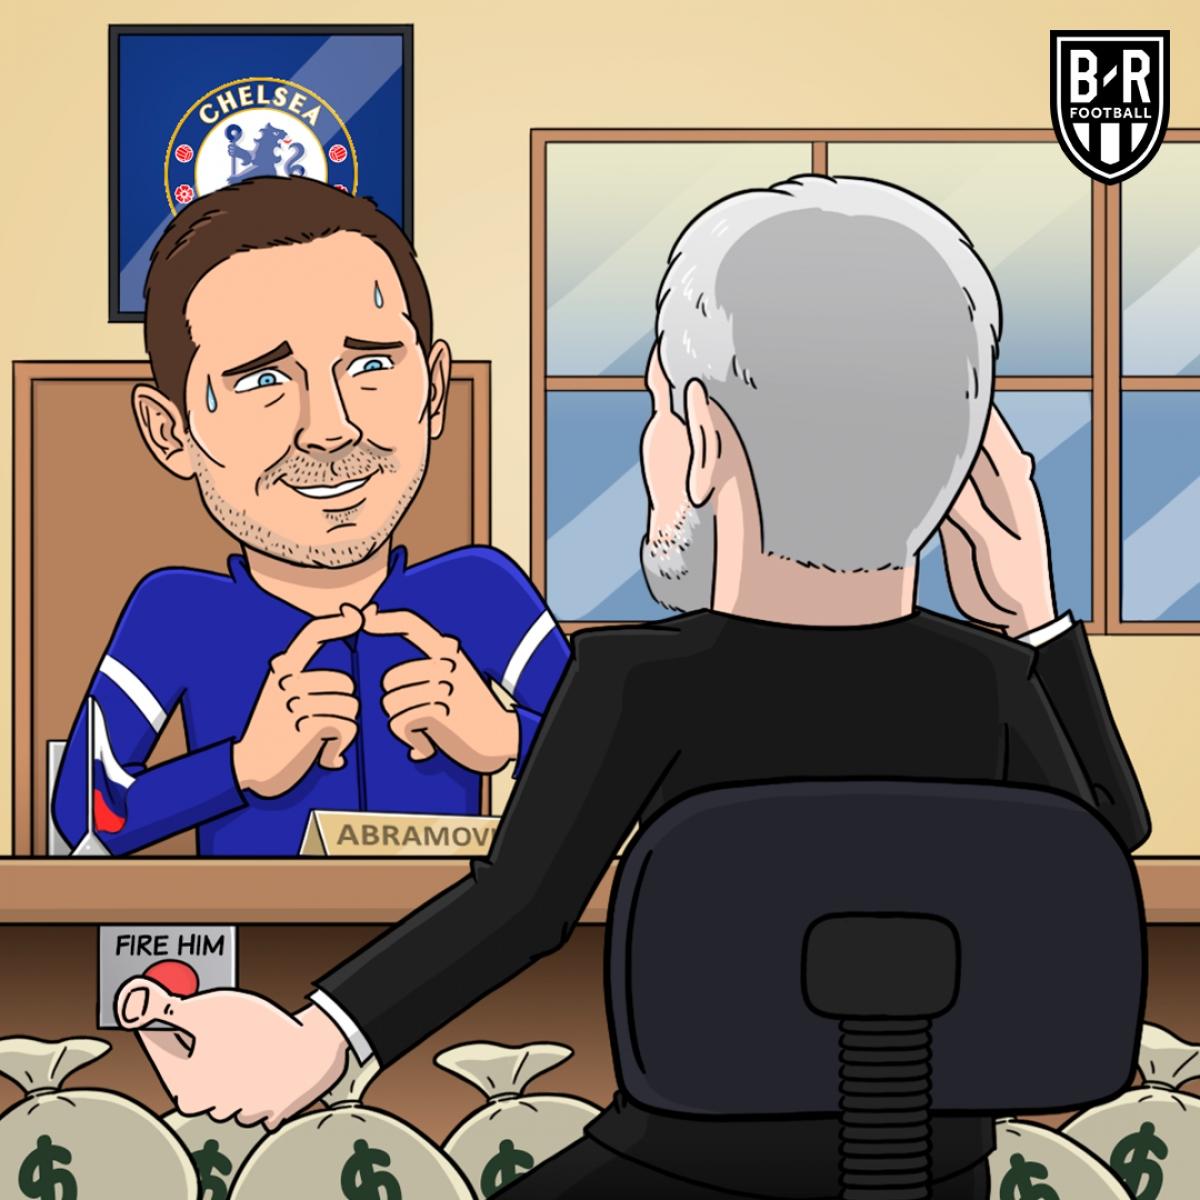 """Ông chủ Chelsea - Abramovich """"hối hận"""" khi cấp quá nhiều tiền chuyển nhượng cho HLV Lampard. (Ảnh: Bleacher Report)./."""